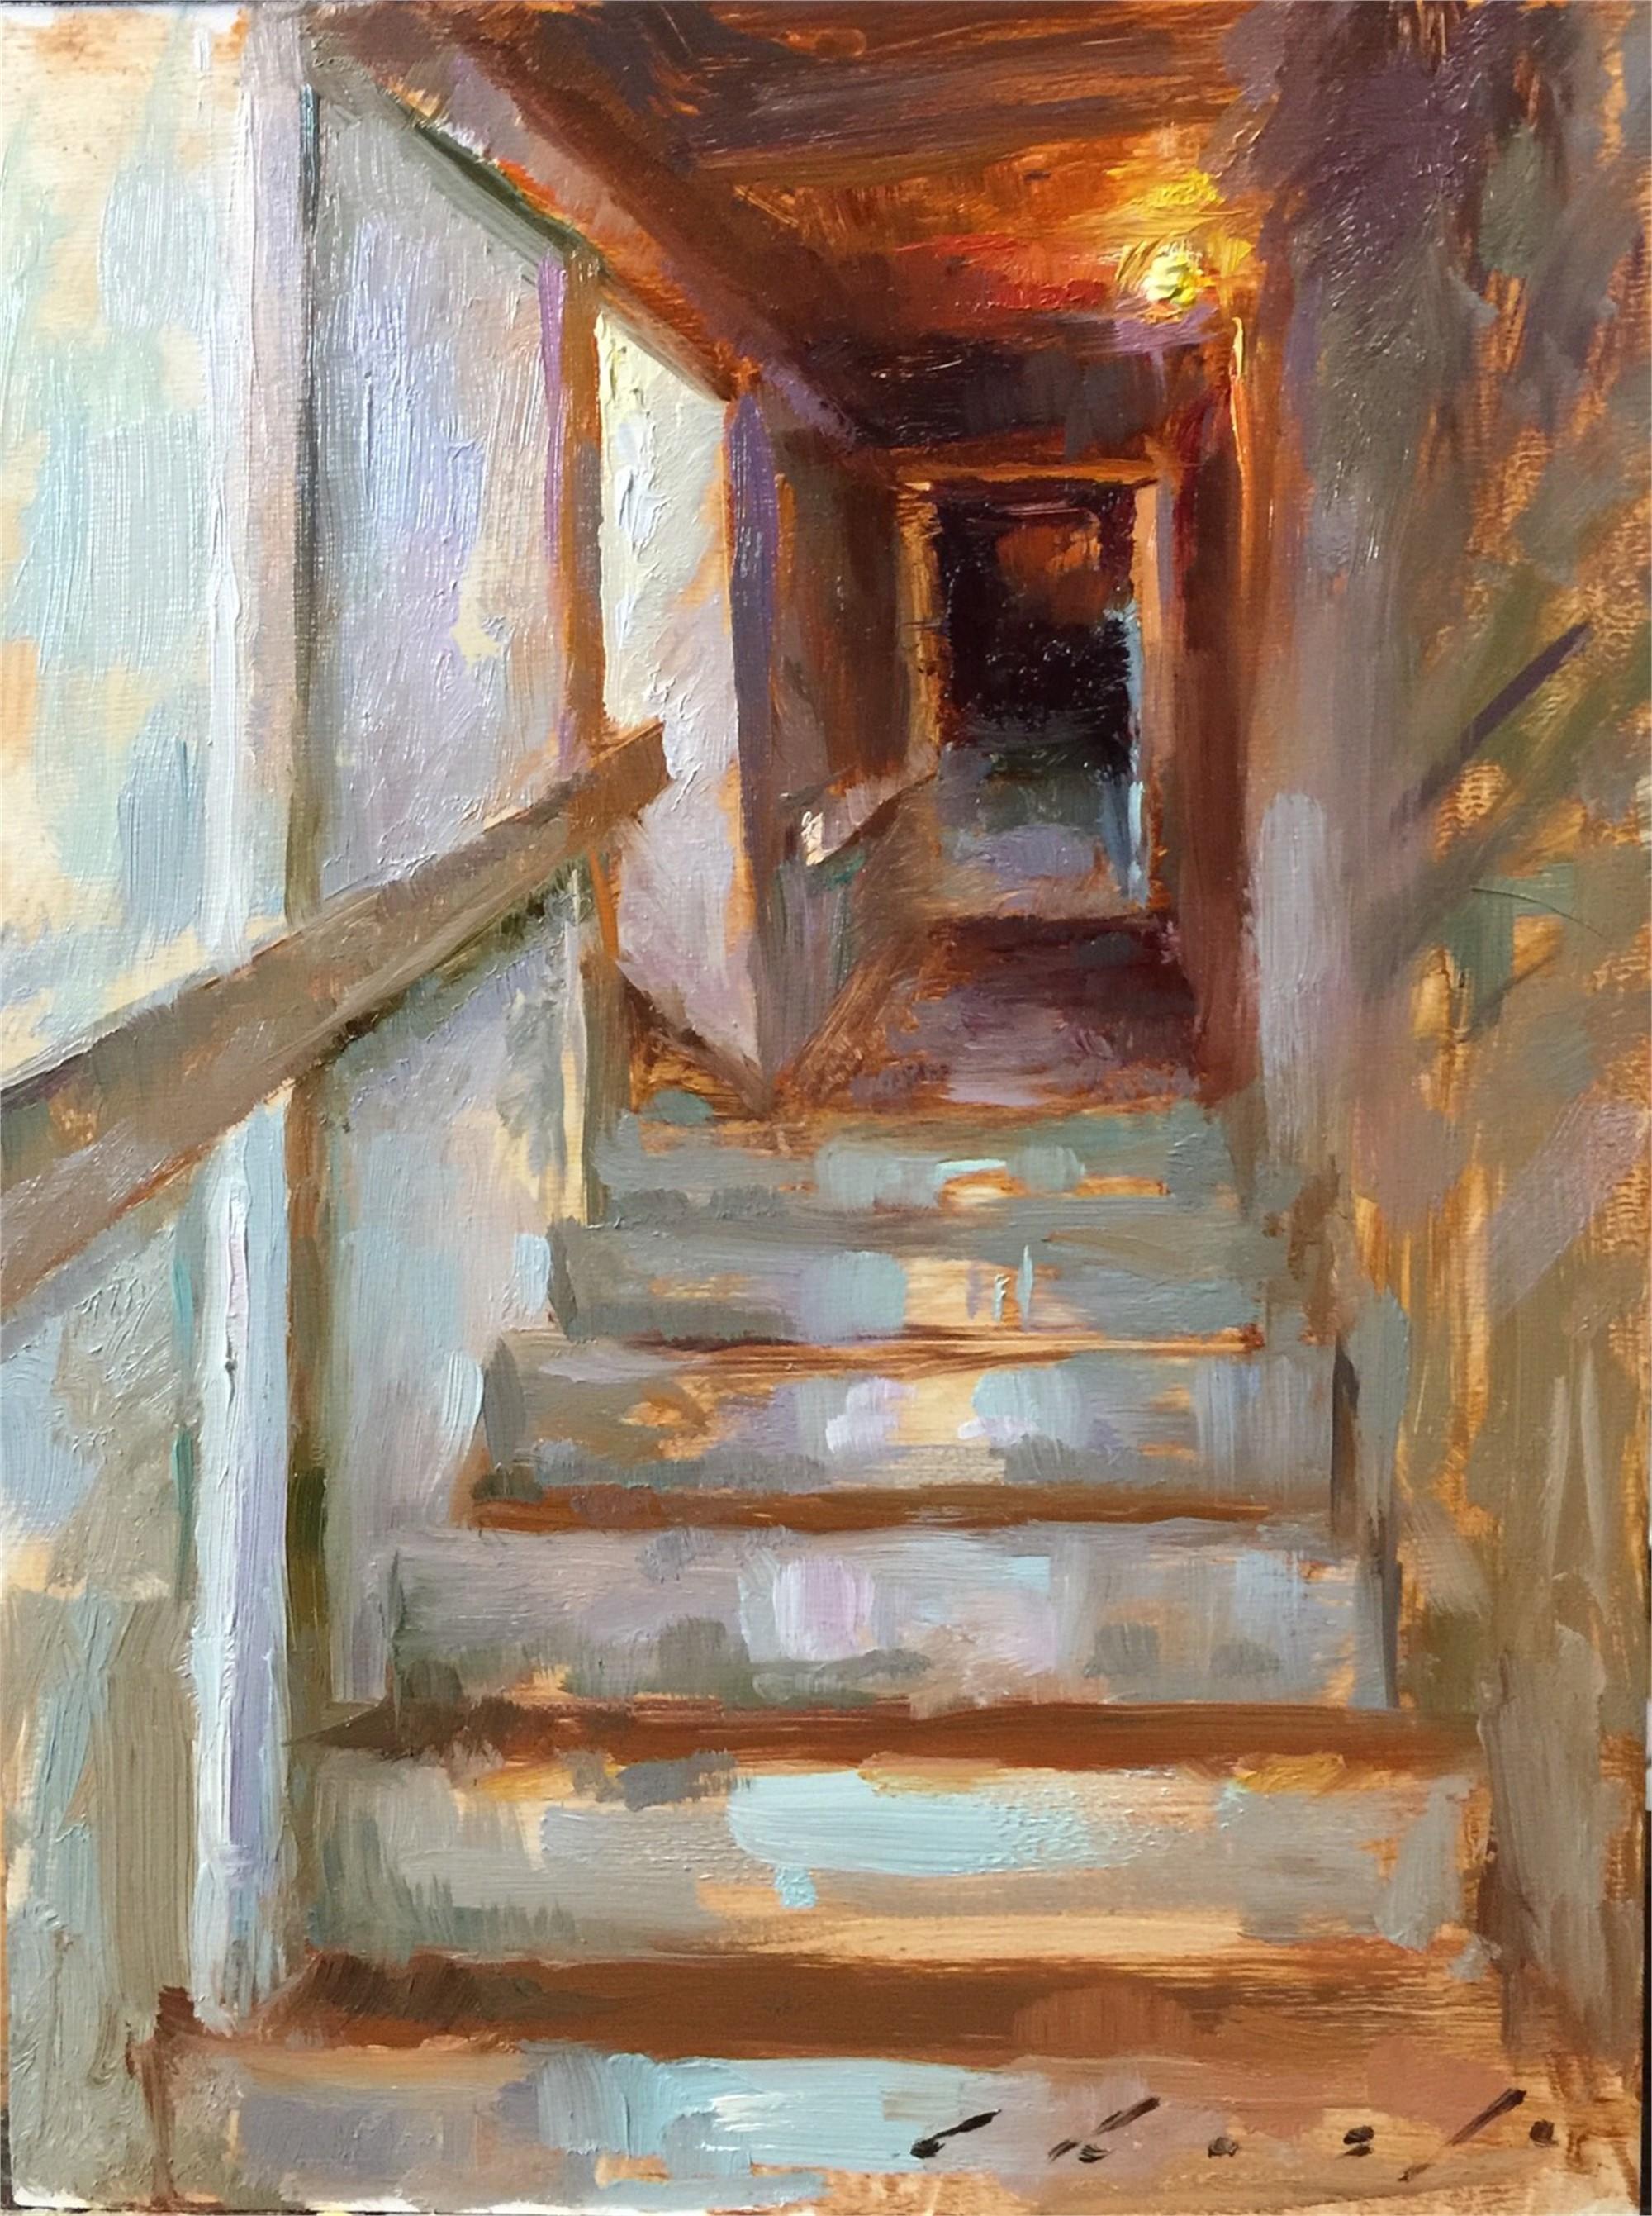 Stairway to Belltower by Suchitra Bhosle